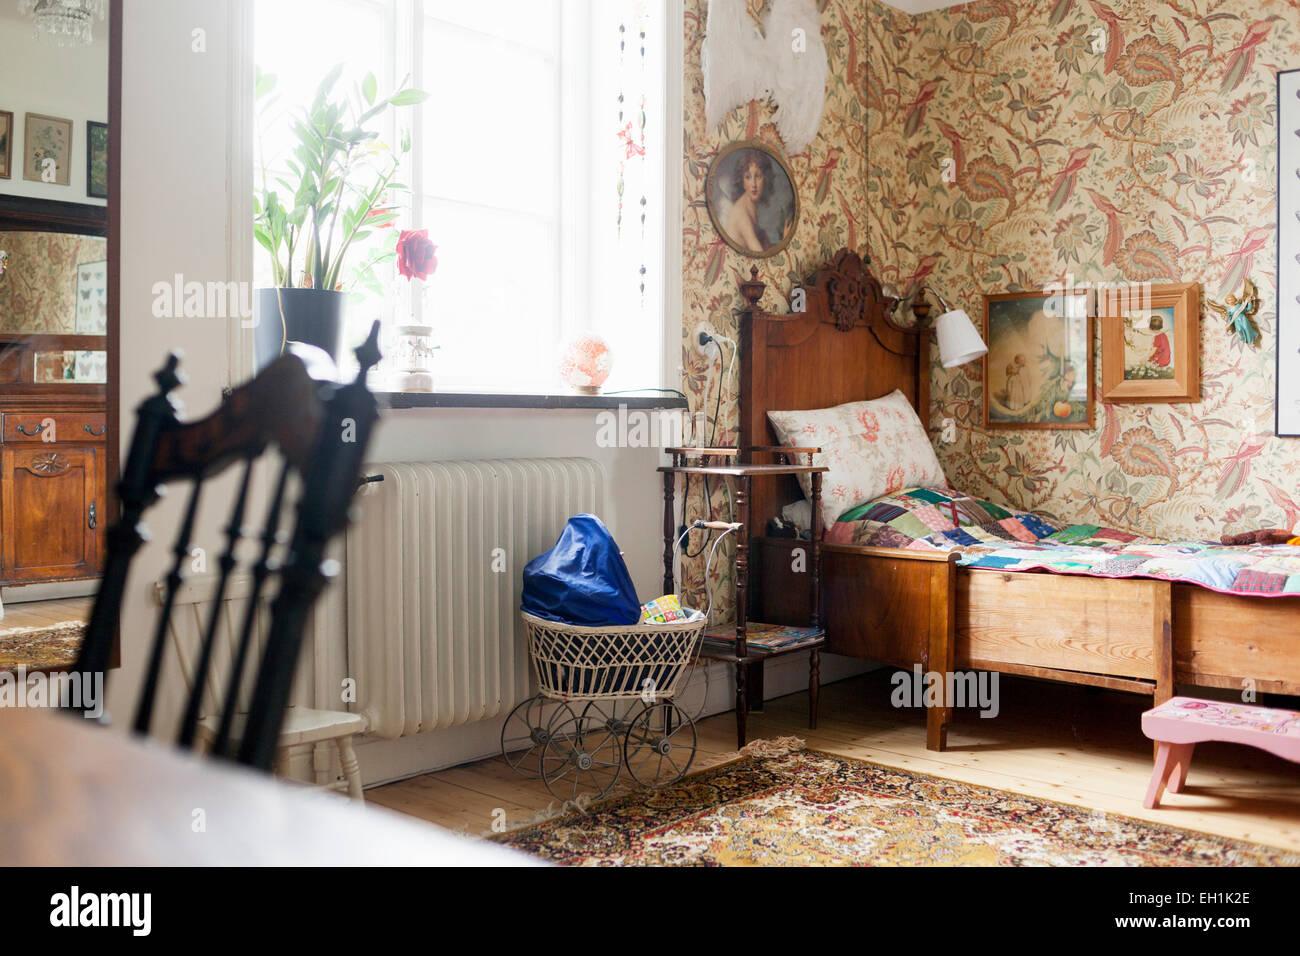 Chambre simple de chambre à coucher Photo Stock